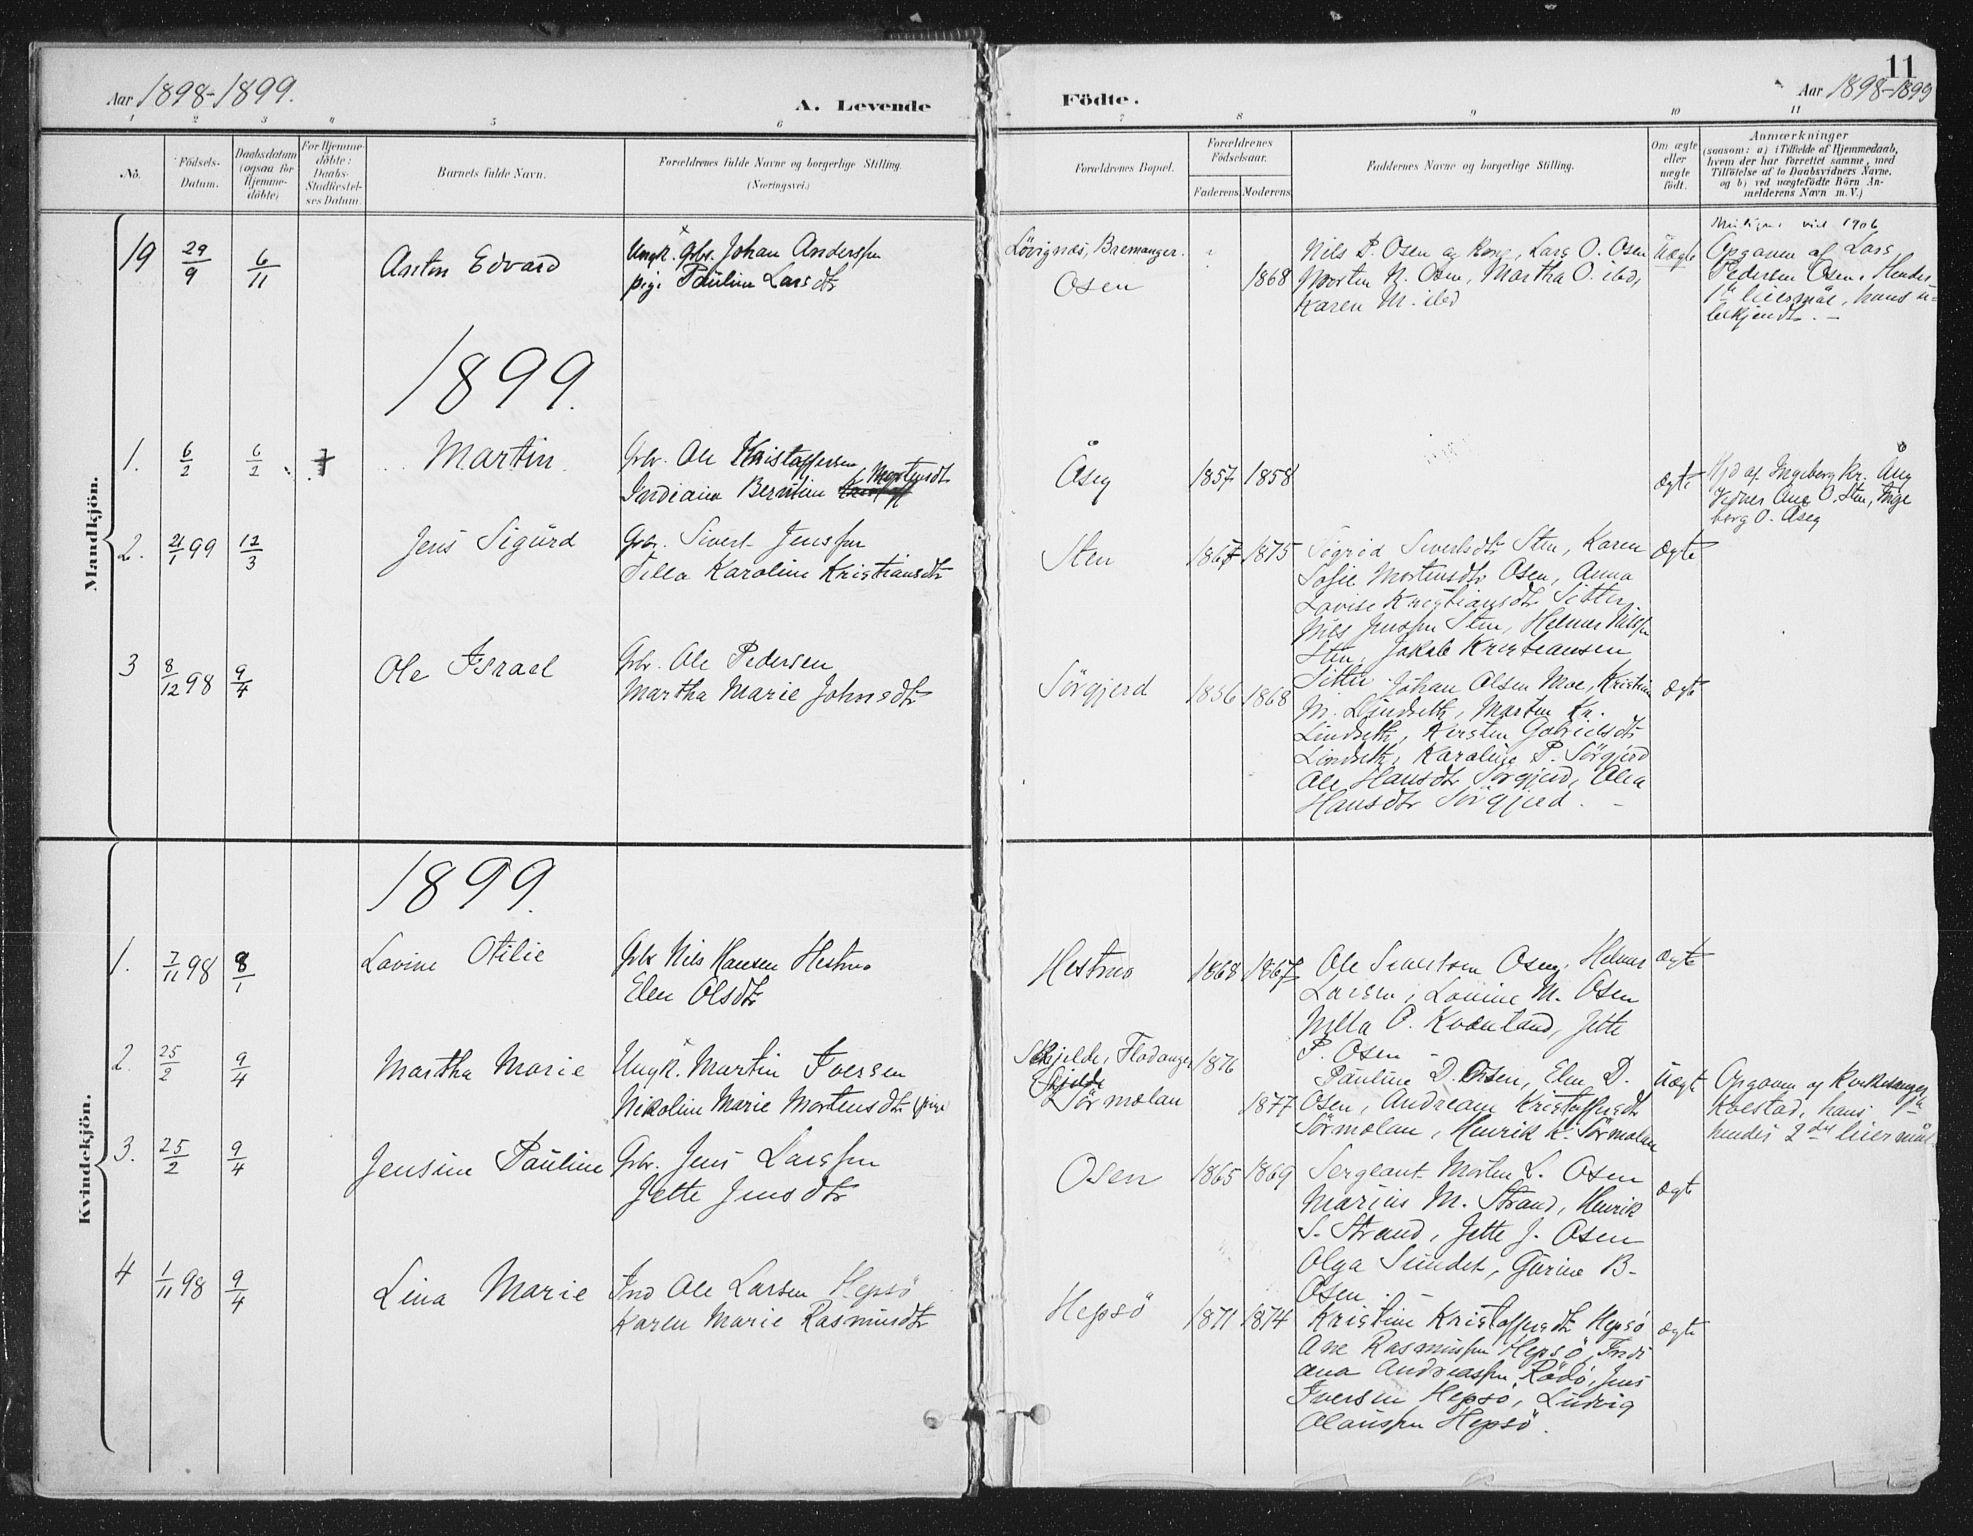 SAT, Ministerialprotokoller, klokkerbøker og fødselsregistre - Sør-Trøndelag, 658/L0723: Ministerialbok nr. 658A02, 1897-1912, s. 11